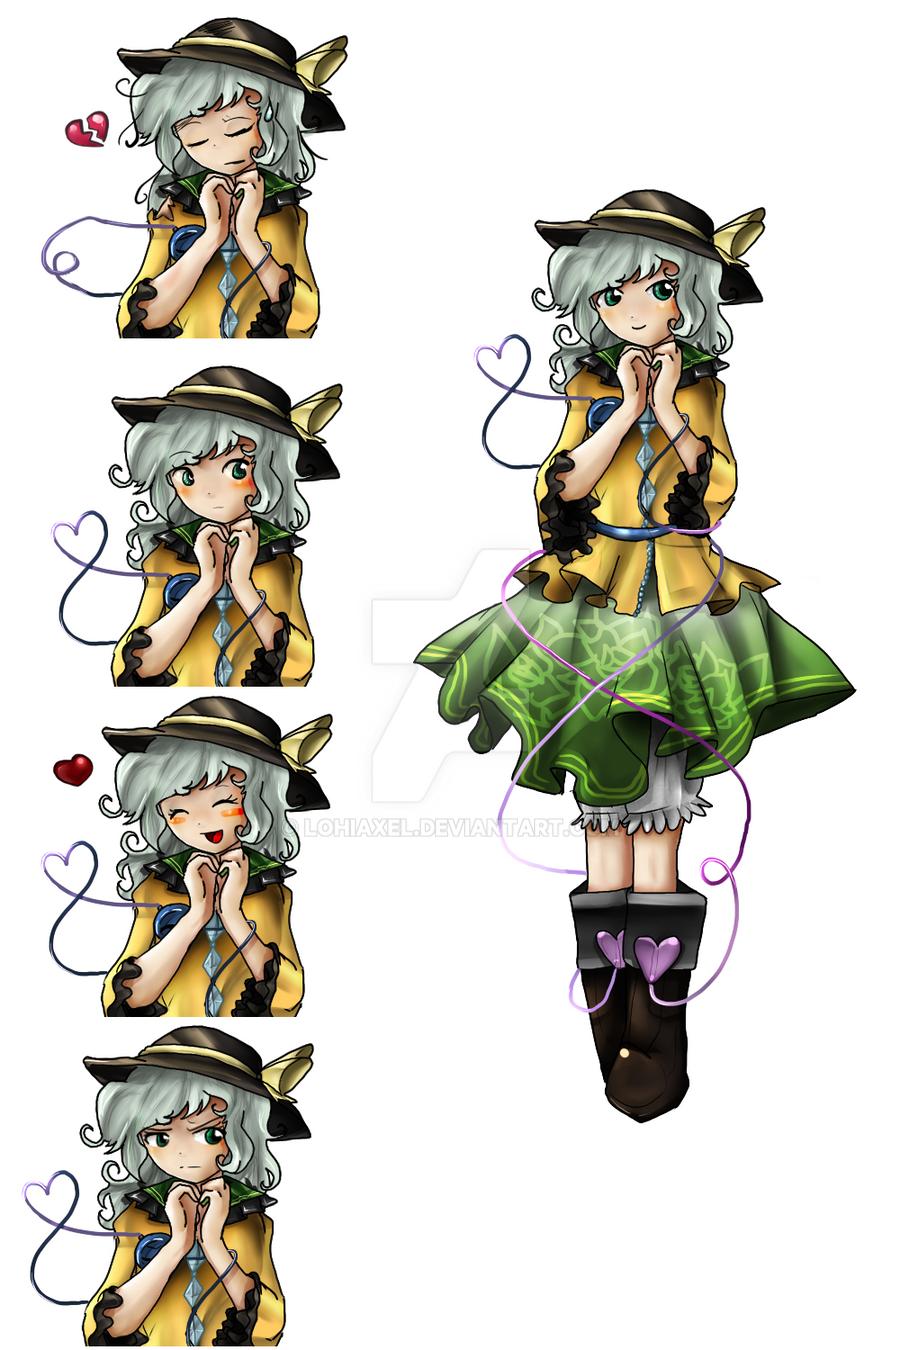 Koishi Character Sheet by LohiAxel